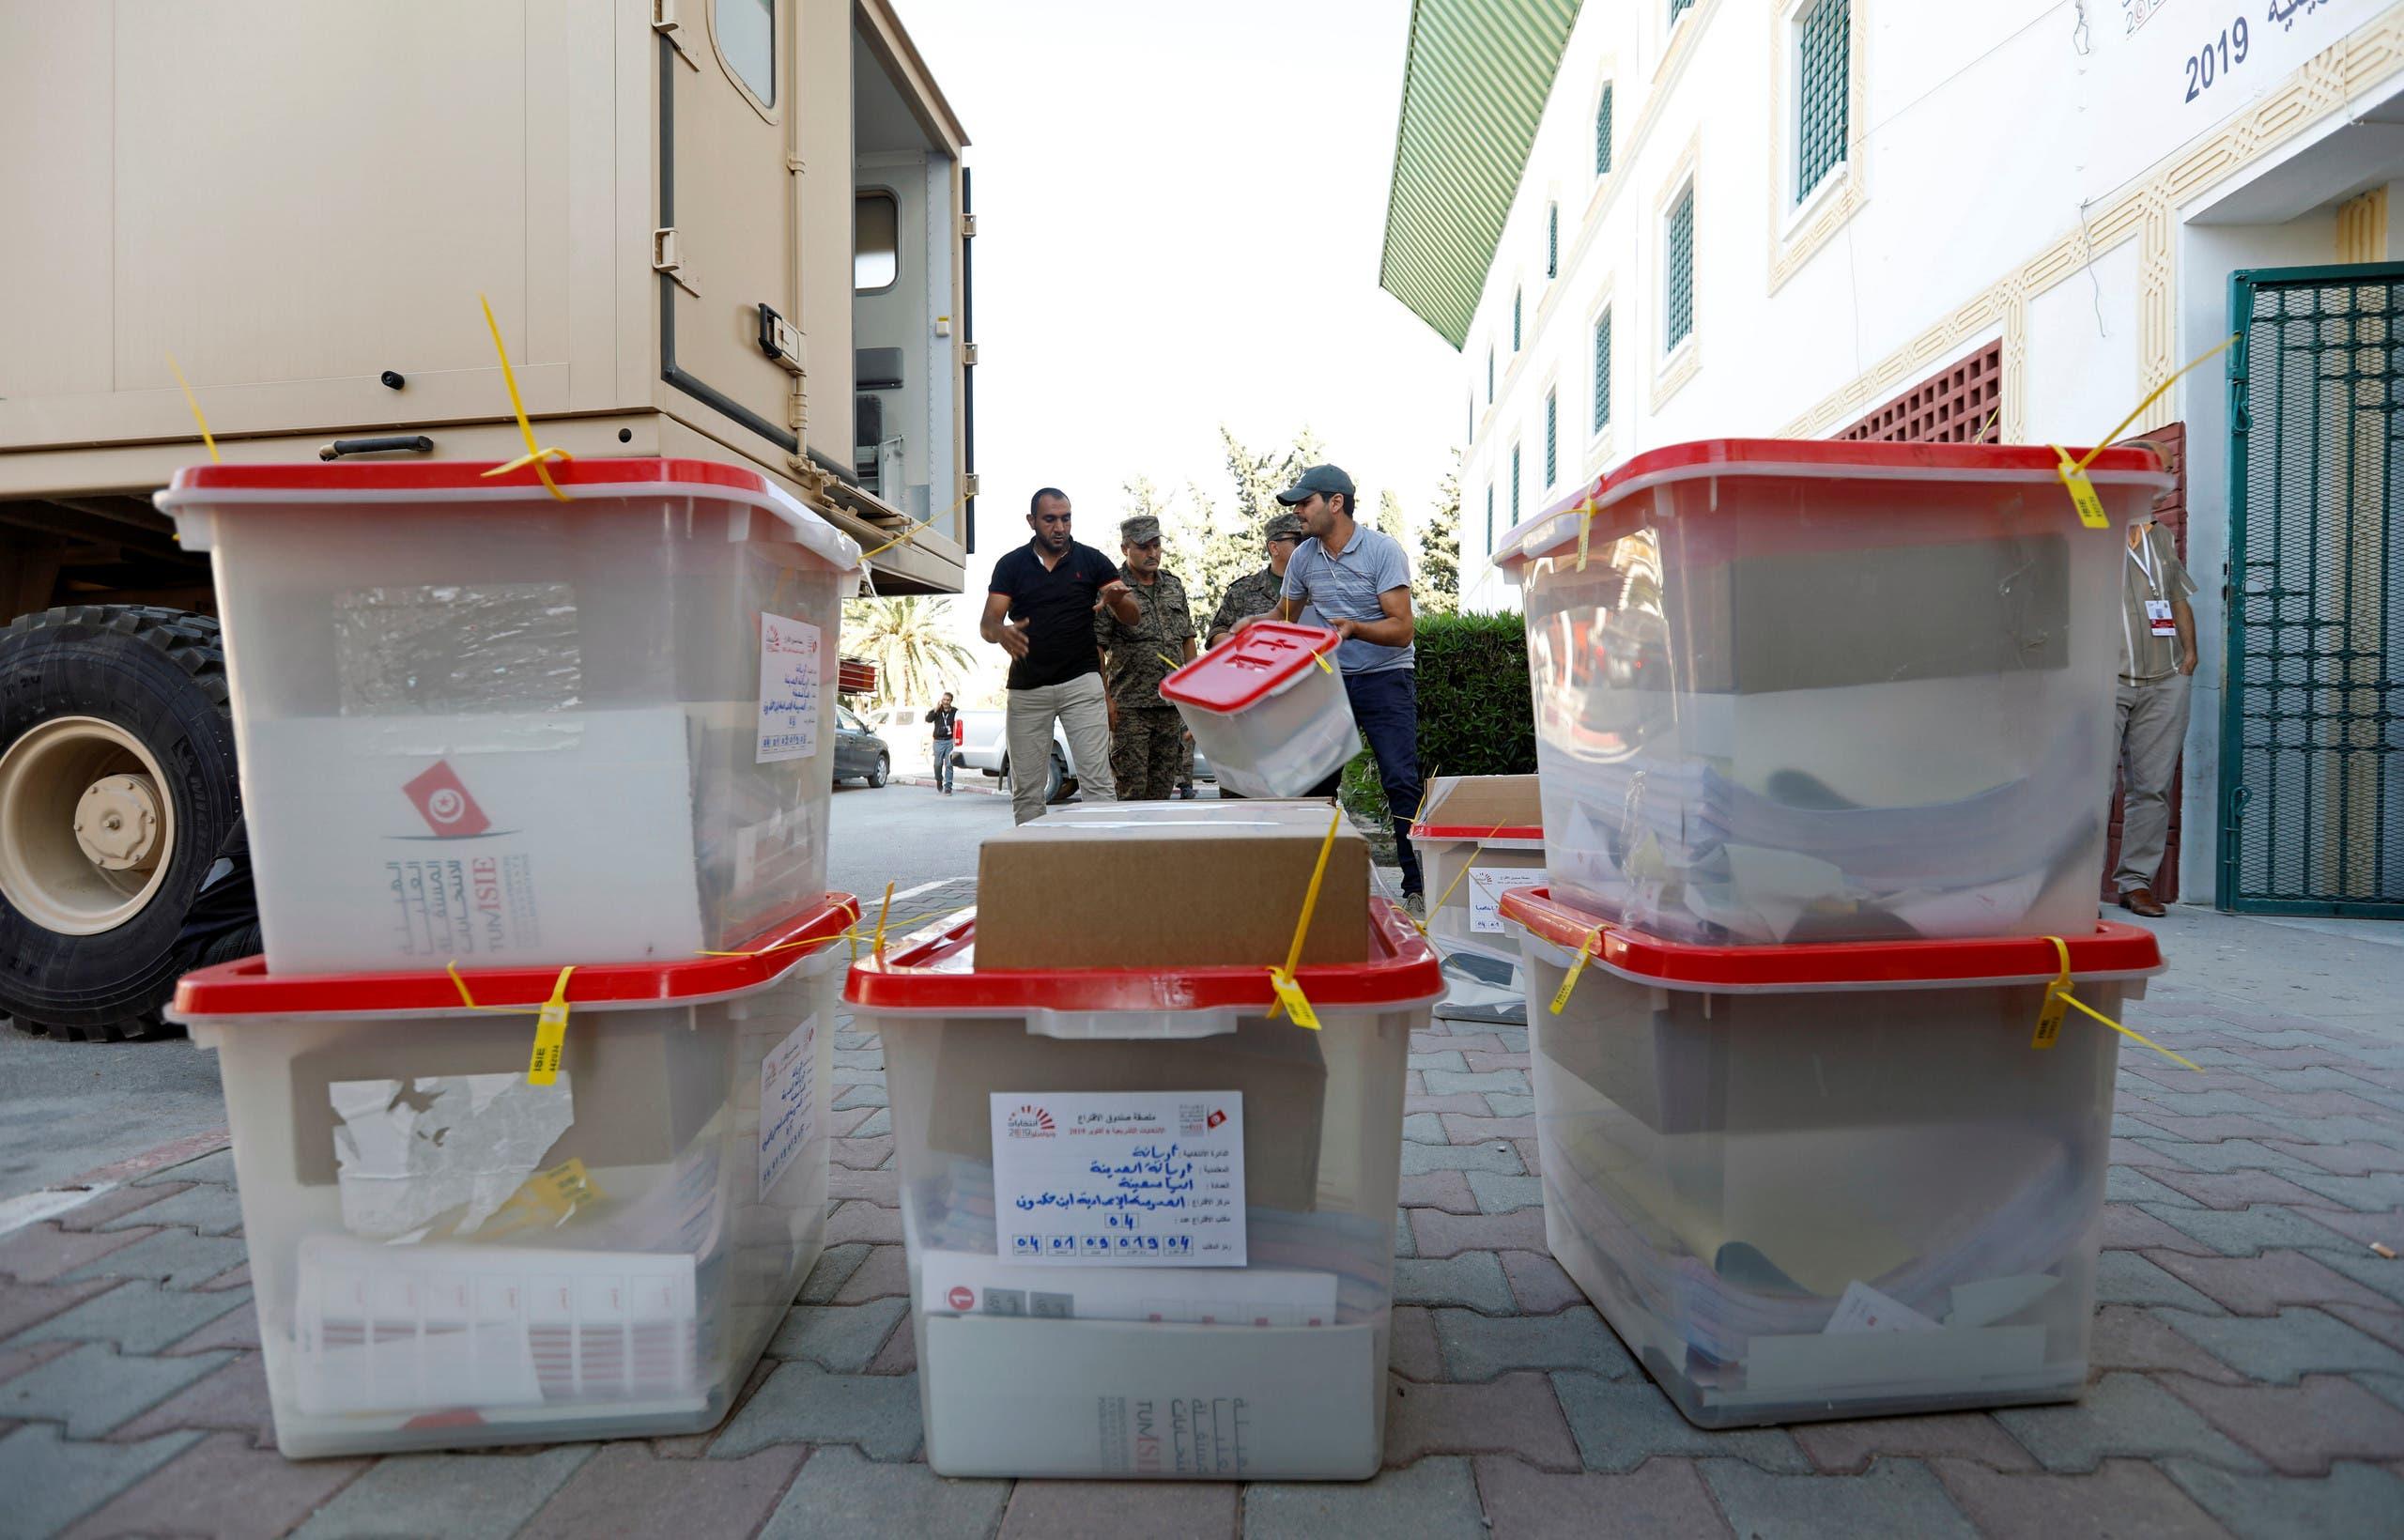 من عملية نقل صناديق الاقتراع قبيل بدء التصويت